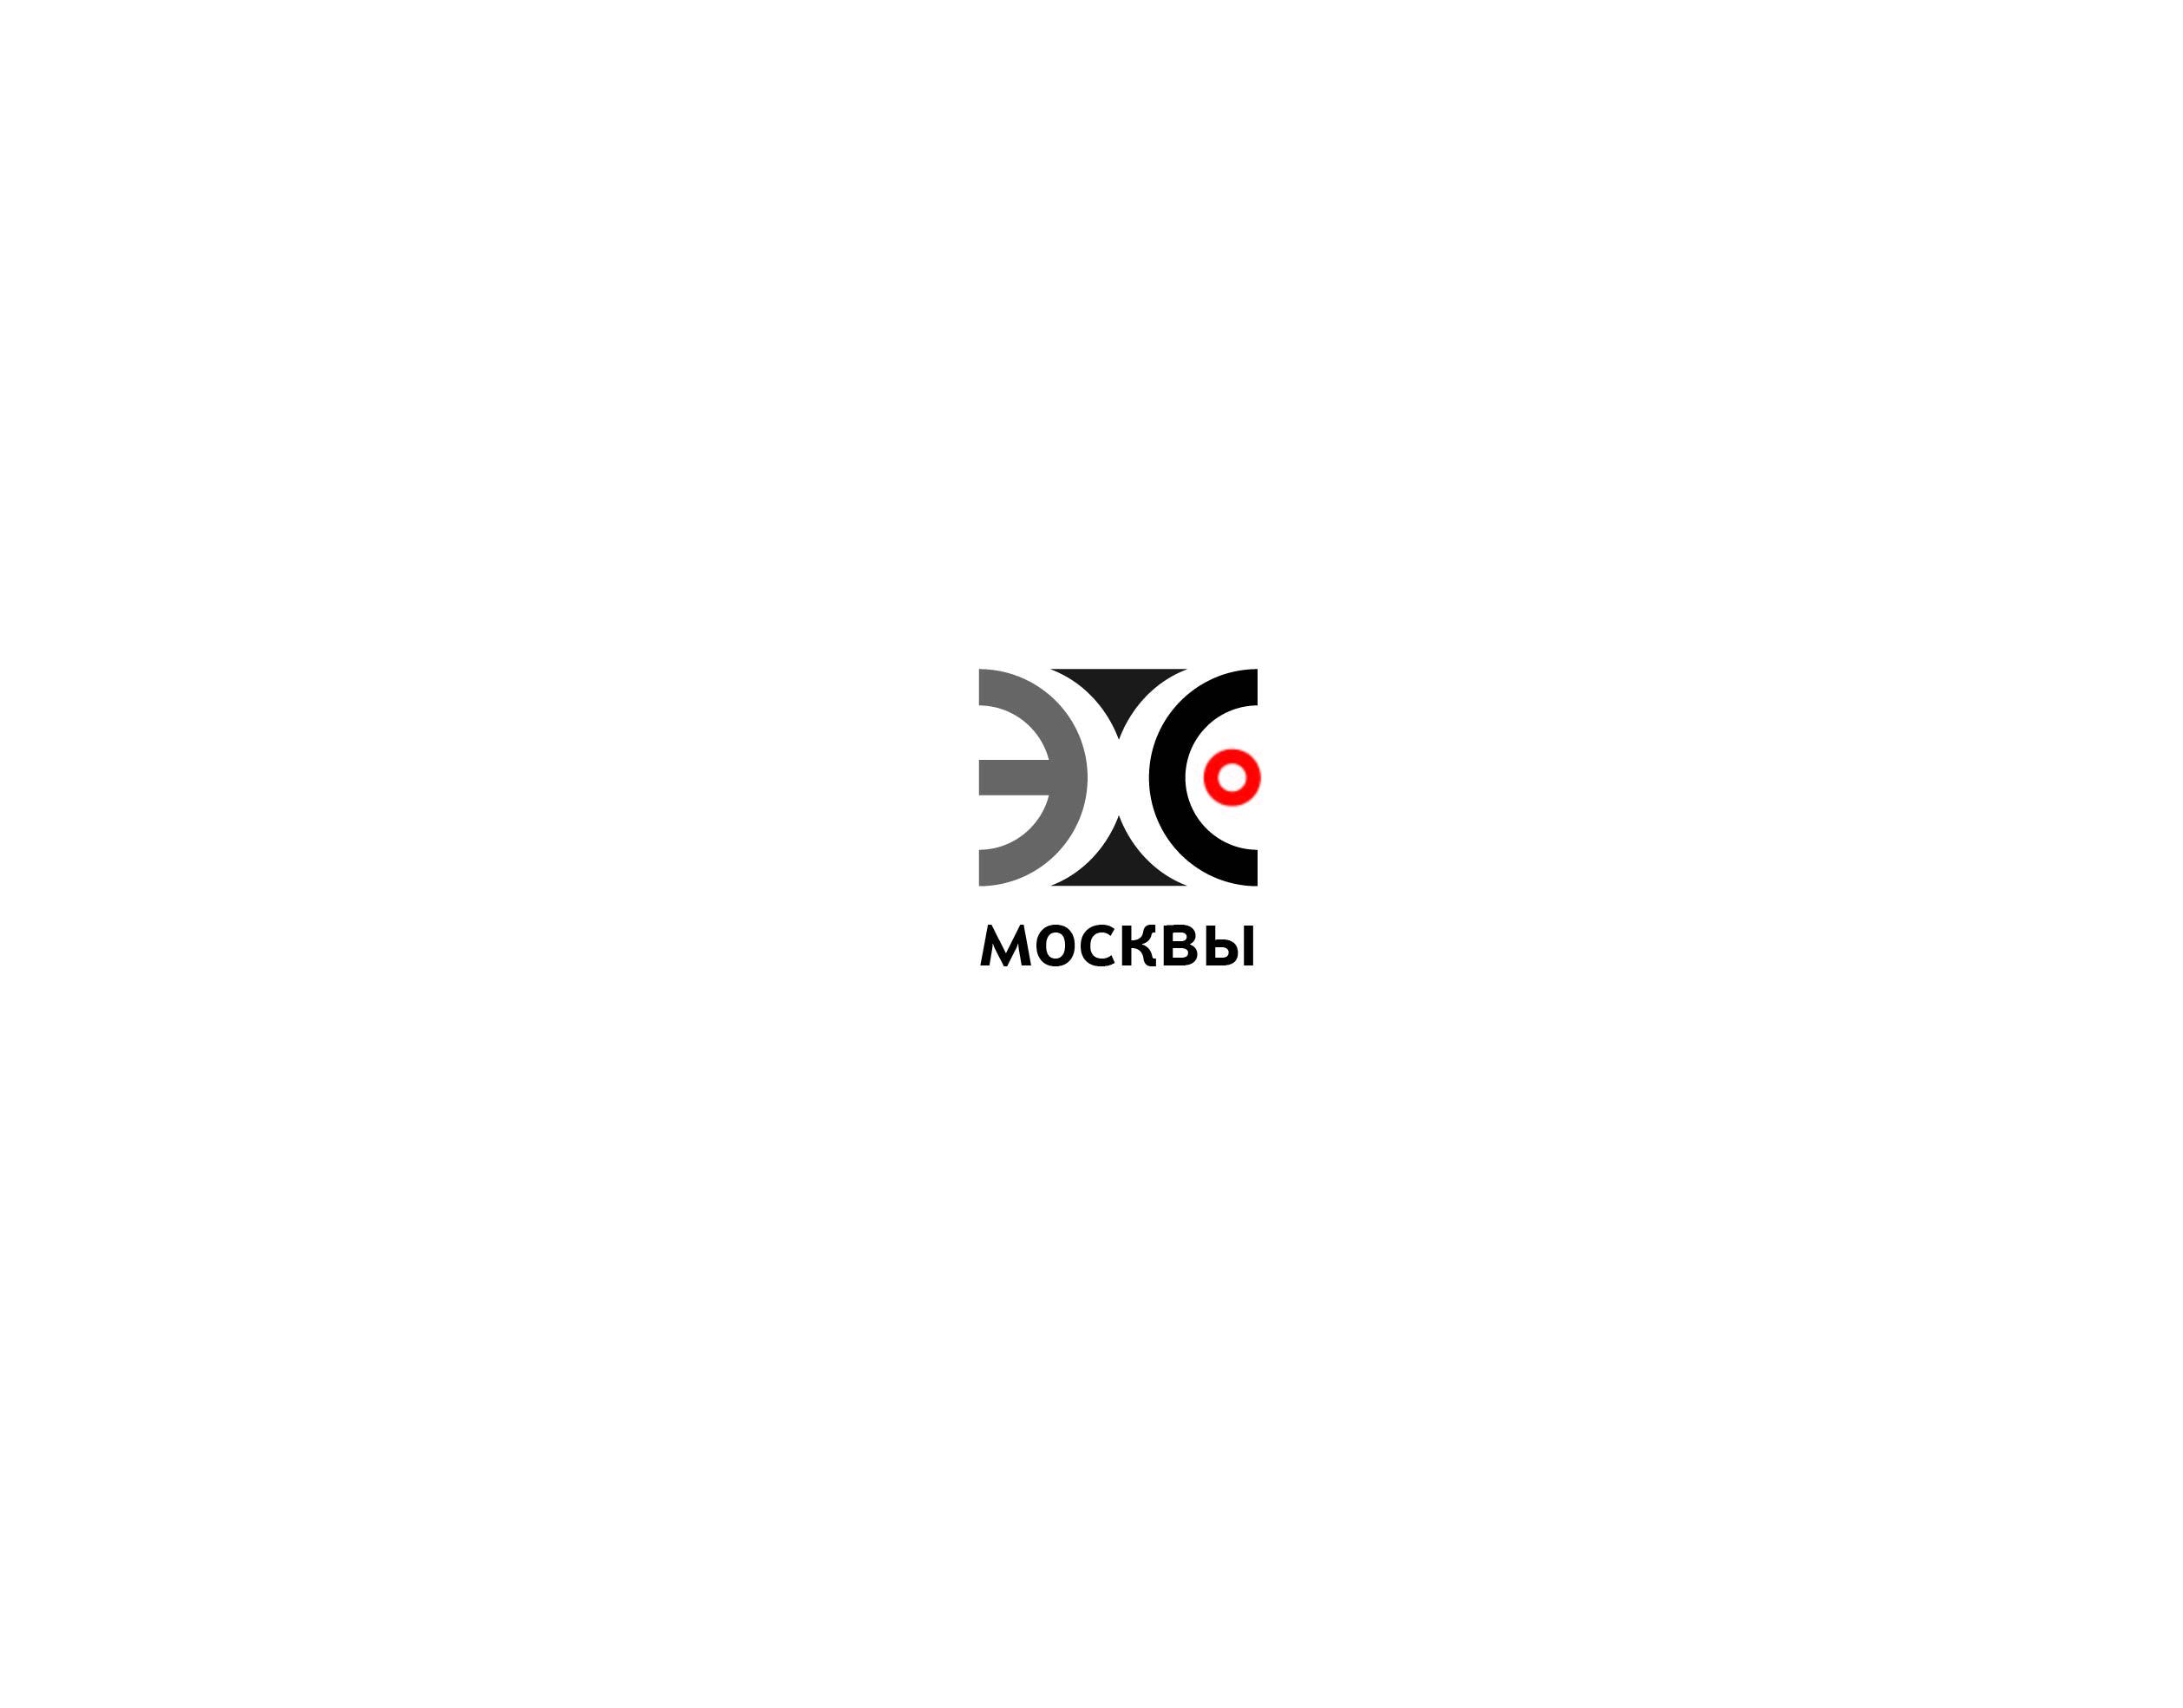 Дизайн логотипа р/с Эхо Москвы. фото f_57856217195bf072.jpg